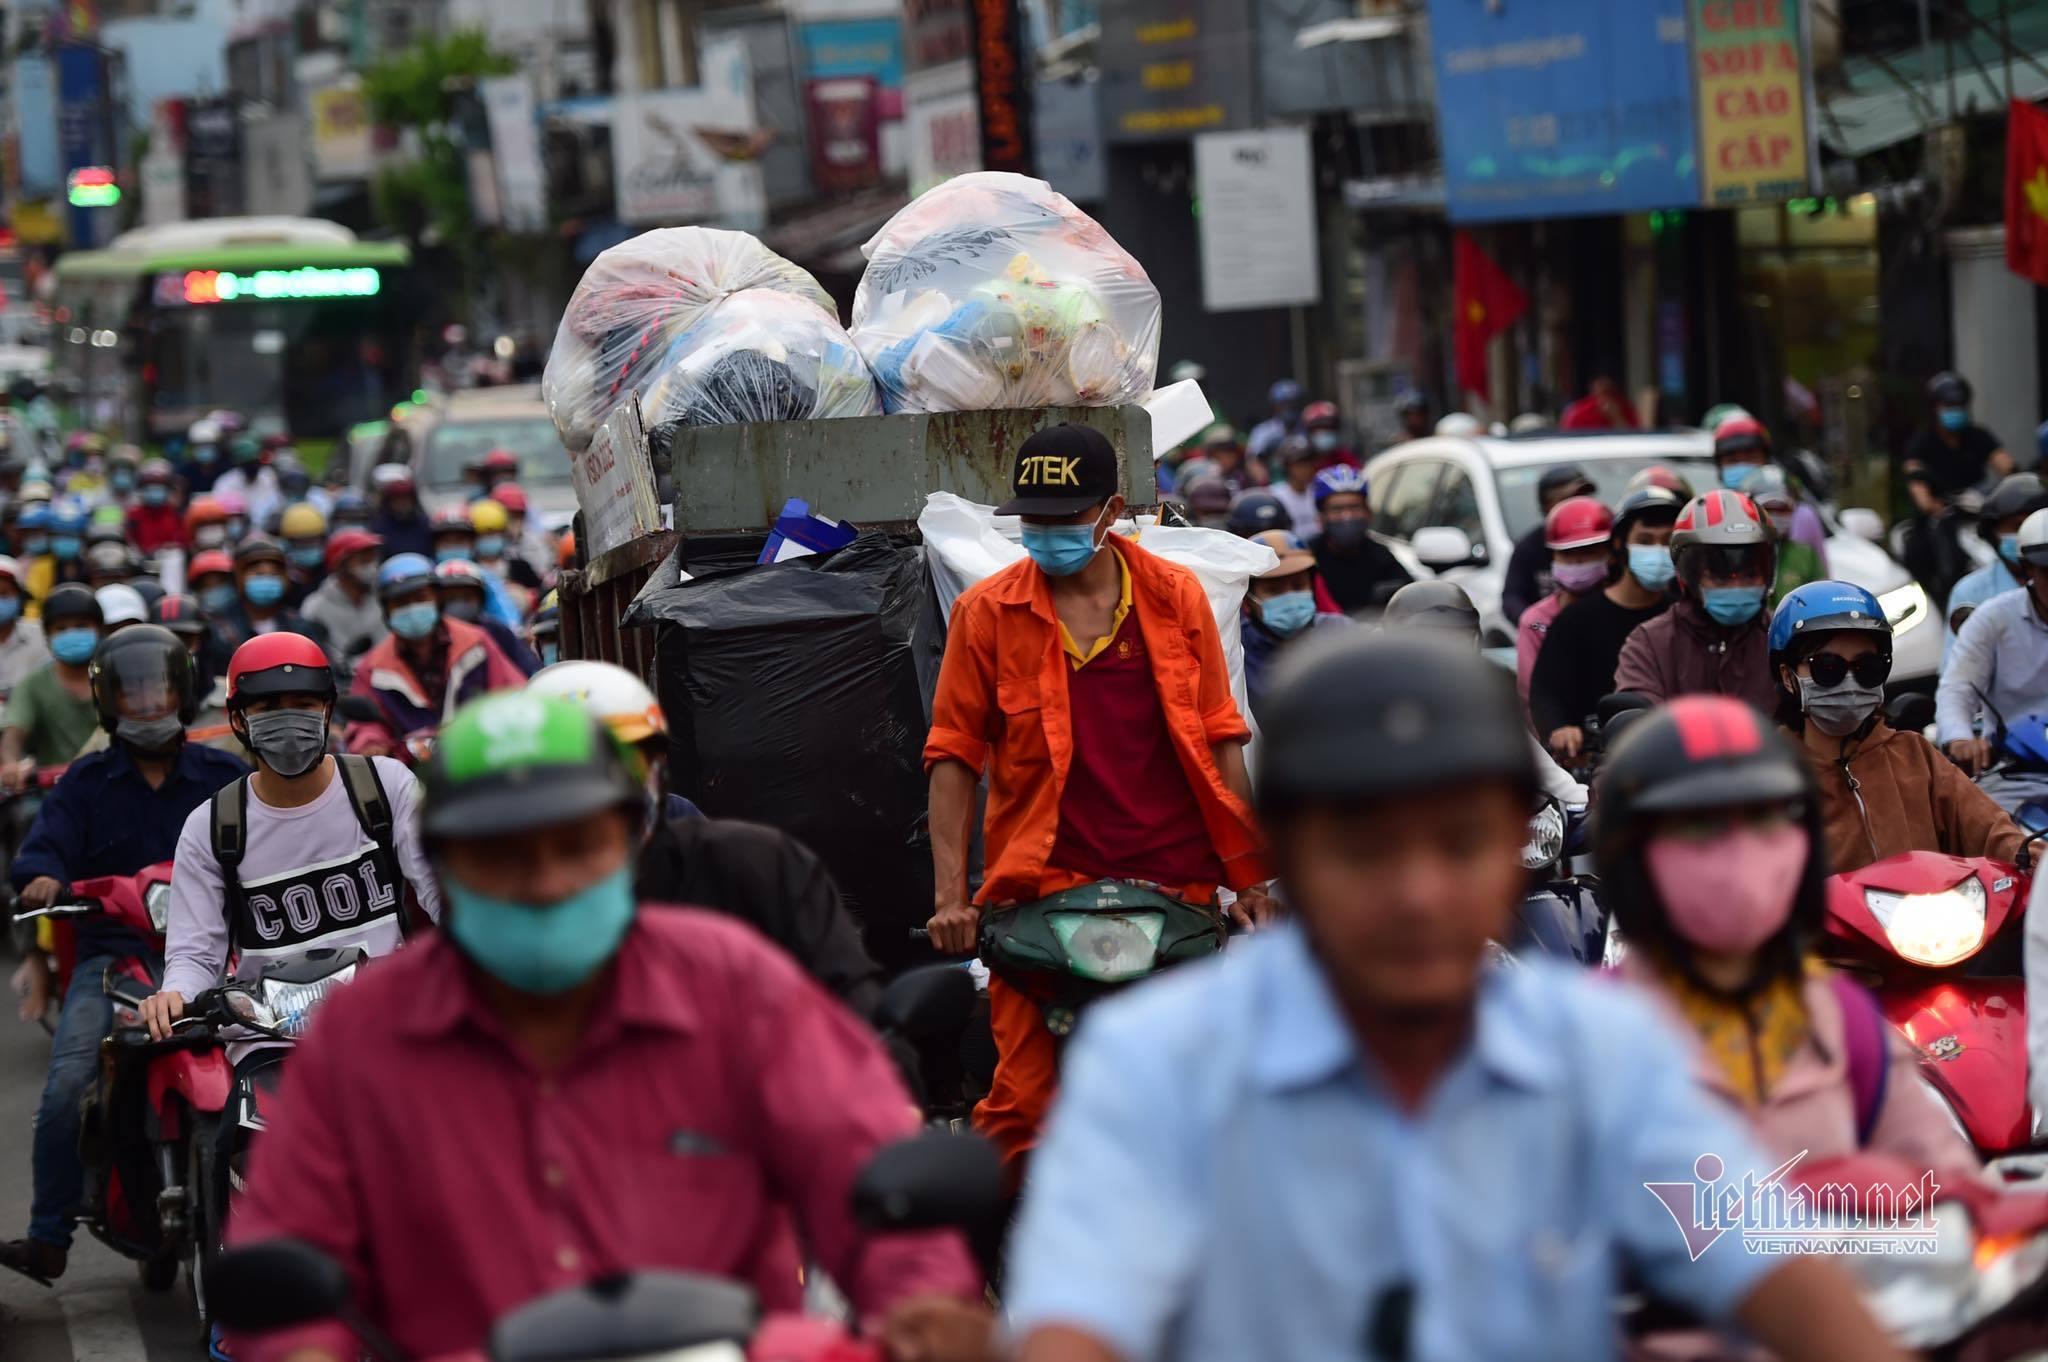 Cảnh tắc đường nghẹt thở ngày cuối cùng của năm ở 2 thành phố lớn